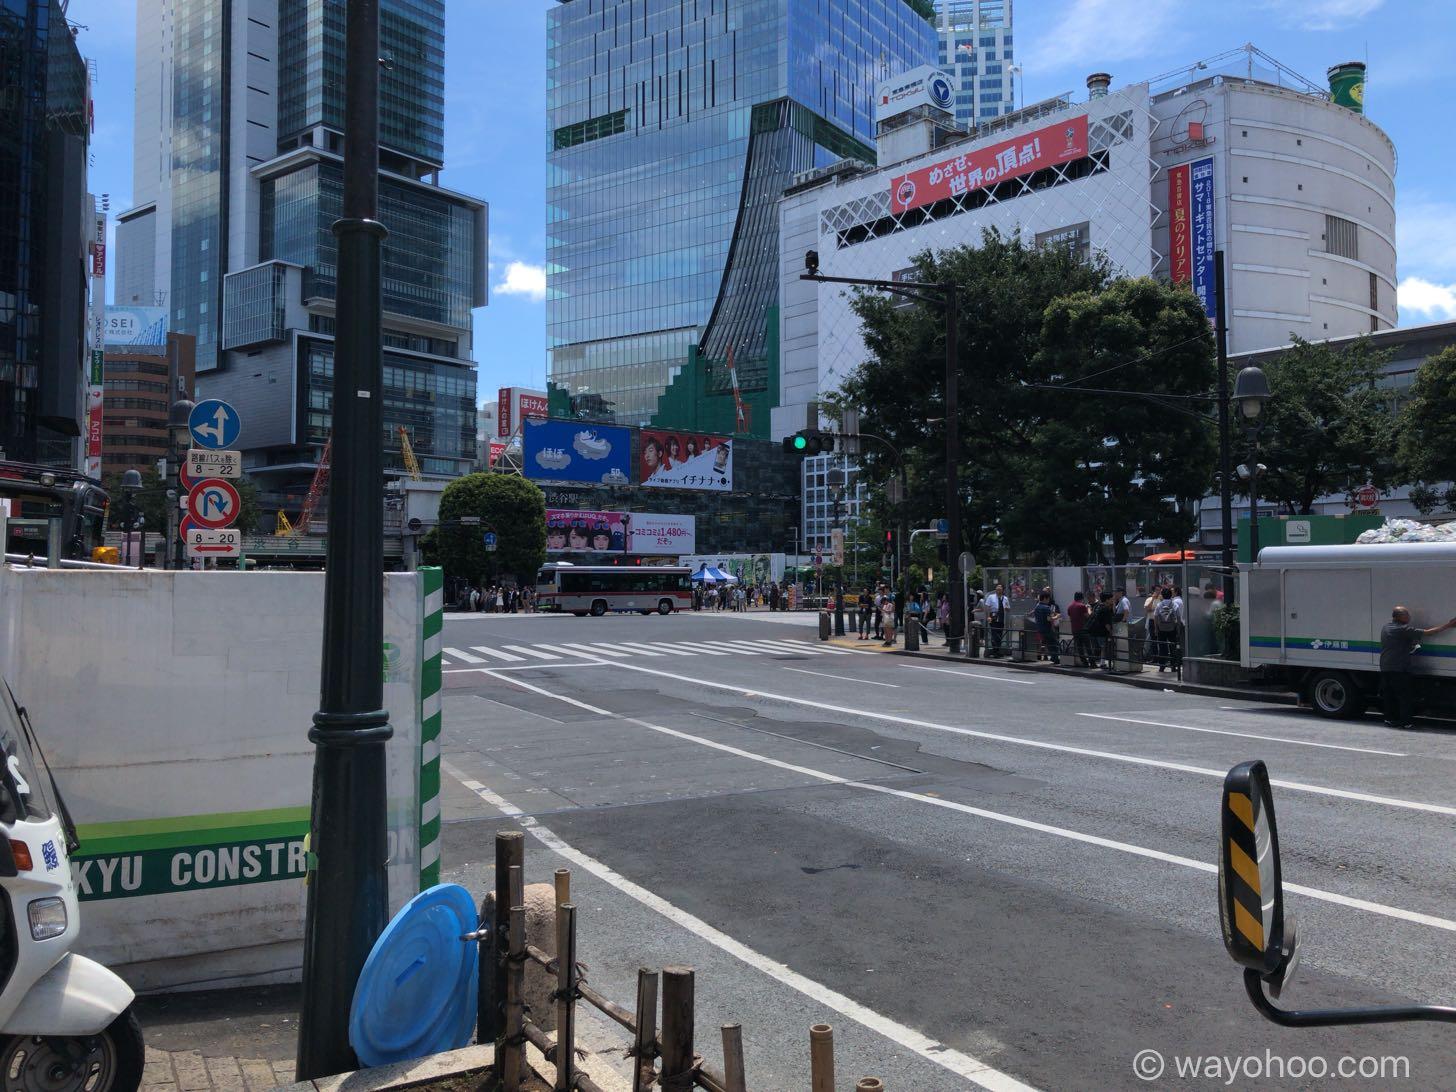 みずほ銀行 渋谷中央支店の前の景色